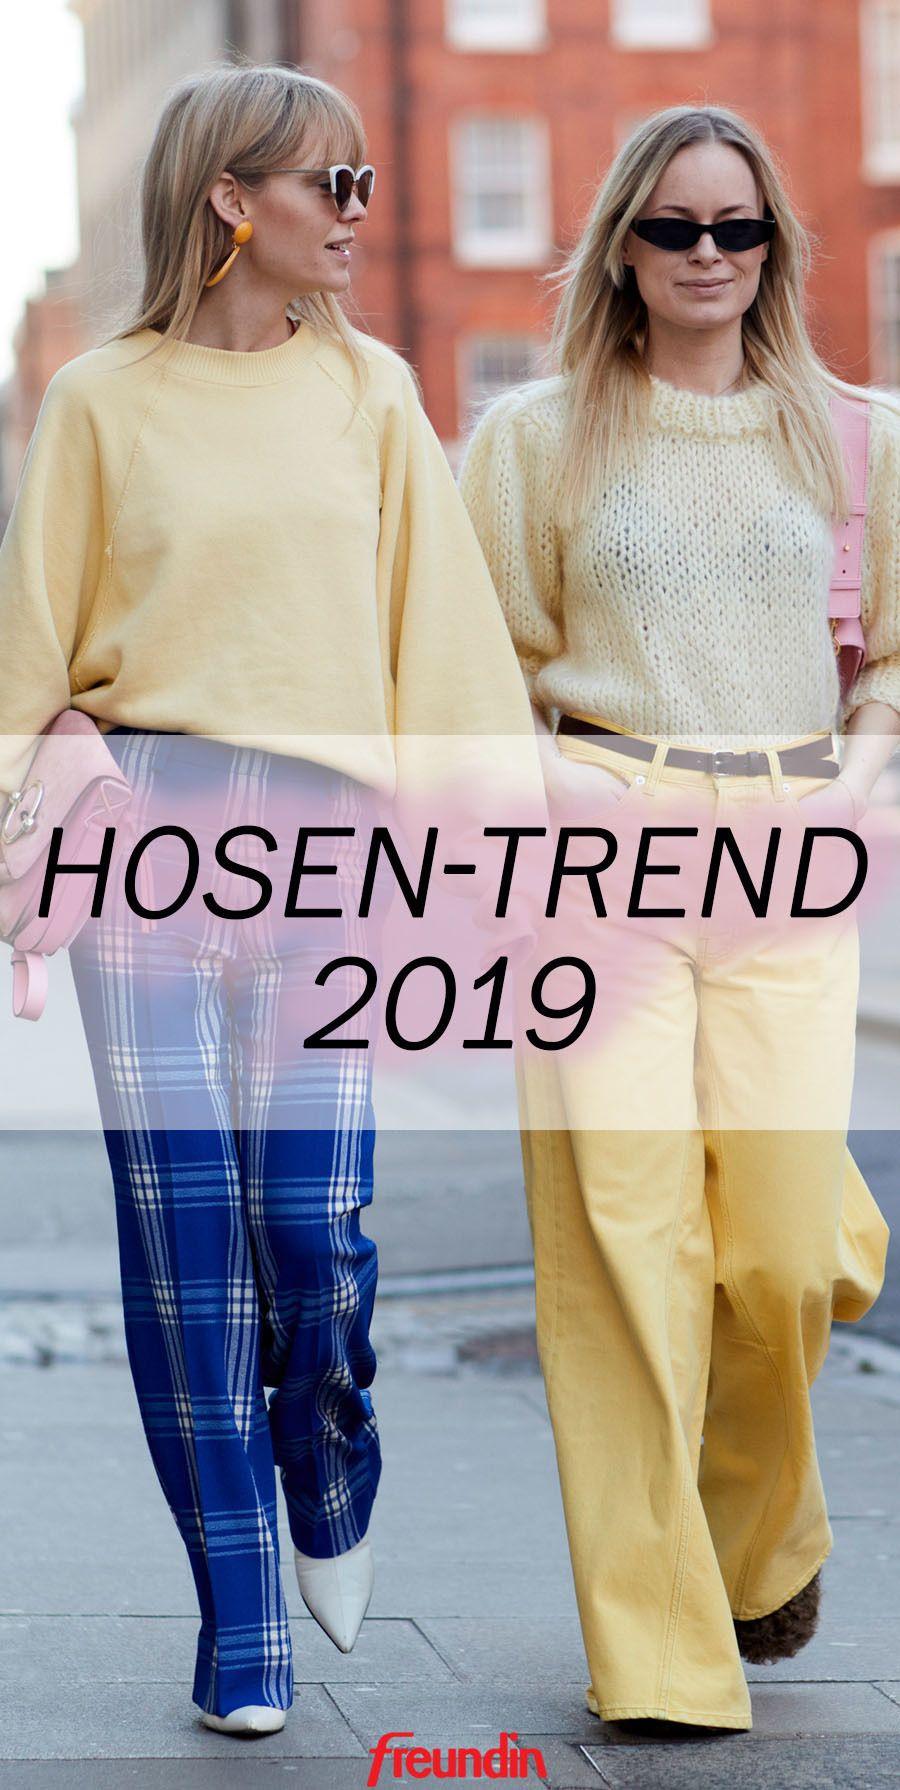 Turnschuhe ungleich in der Leistung Modestil von 2019 Dieser Hosen-Trend begleitet uns 2019 | Modetrends 2019 ...